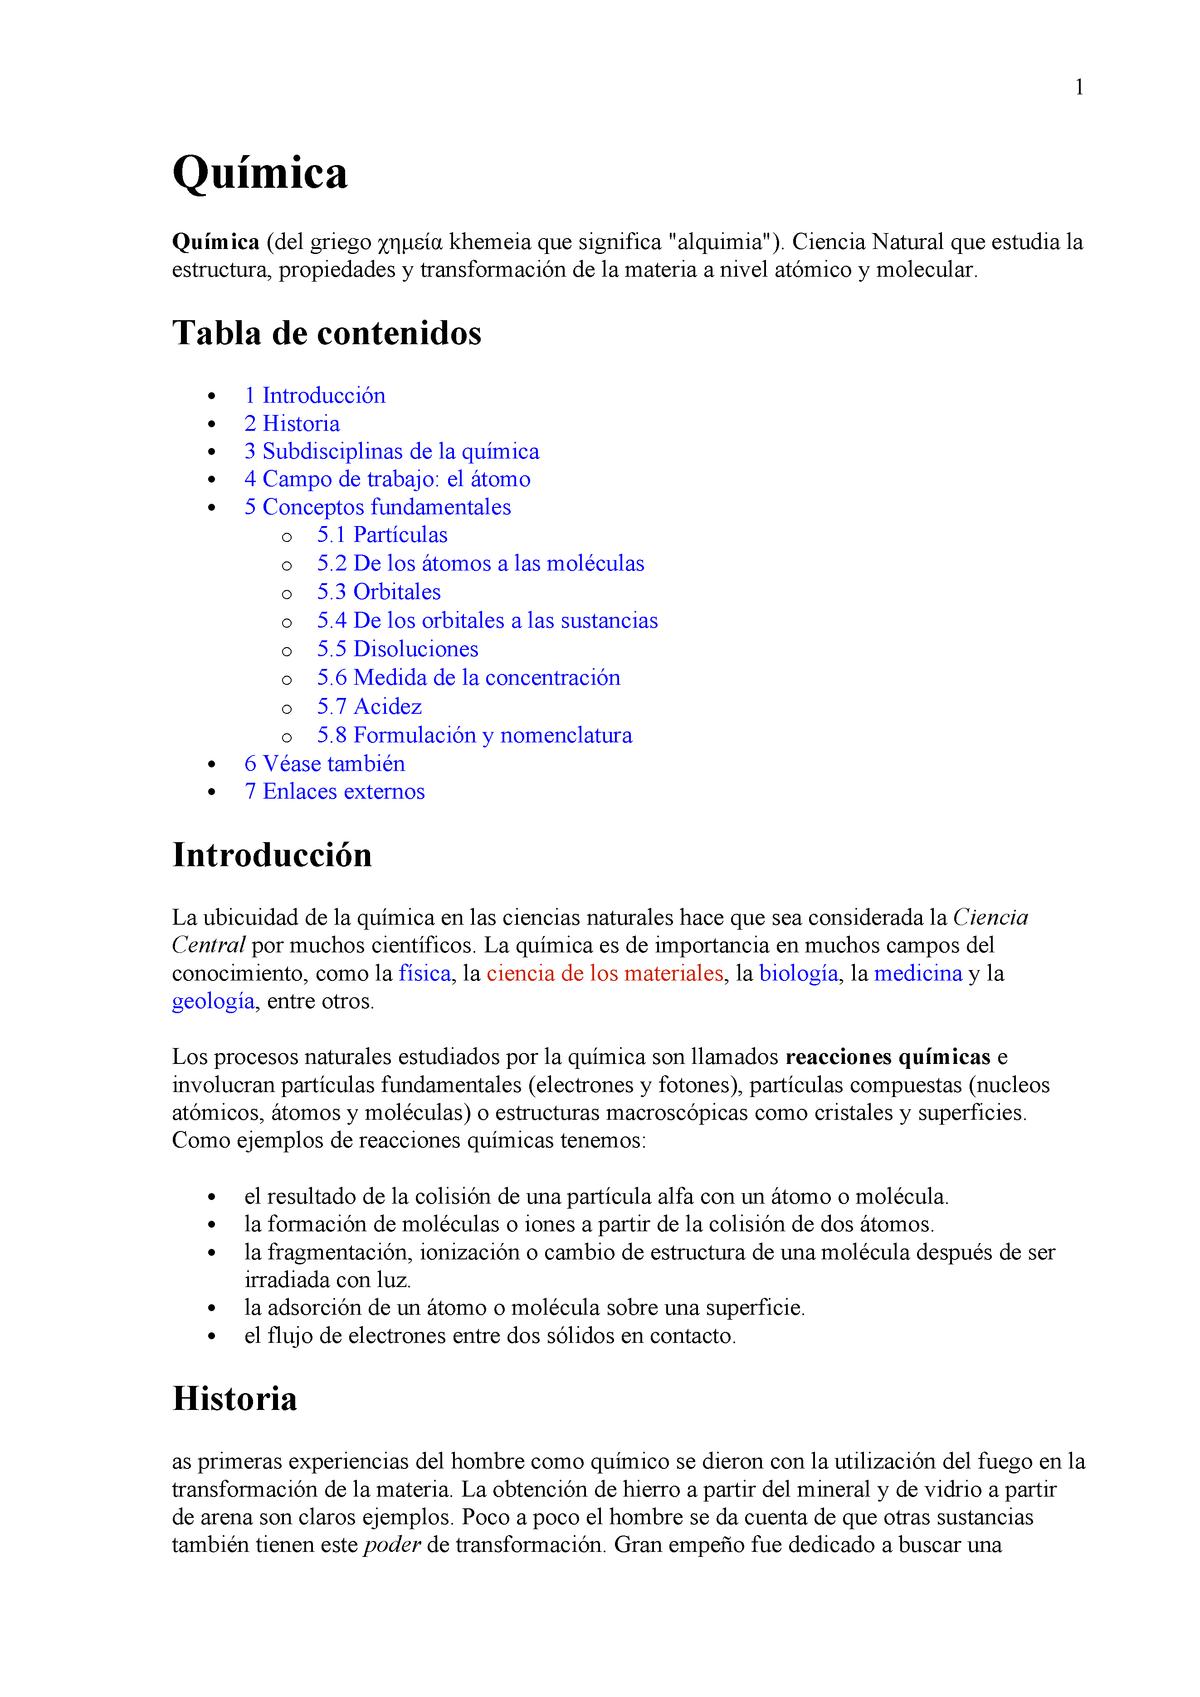 Quimica Bases Químicas Del Metabolismo Md1029 Itm Studocu